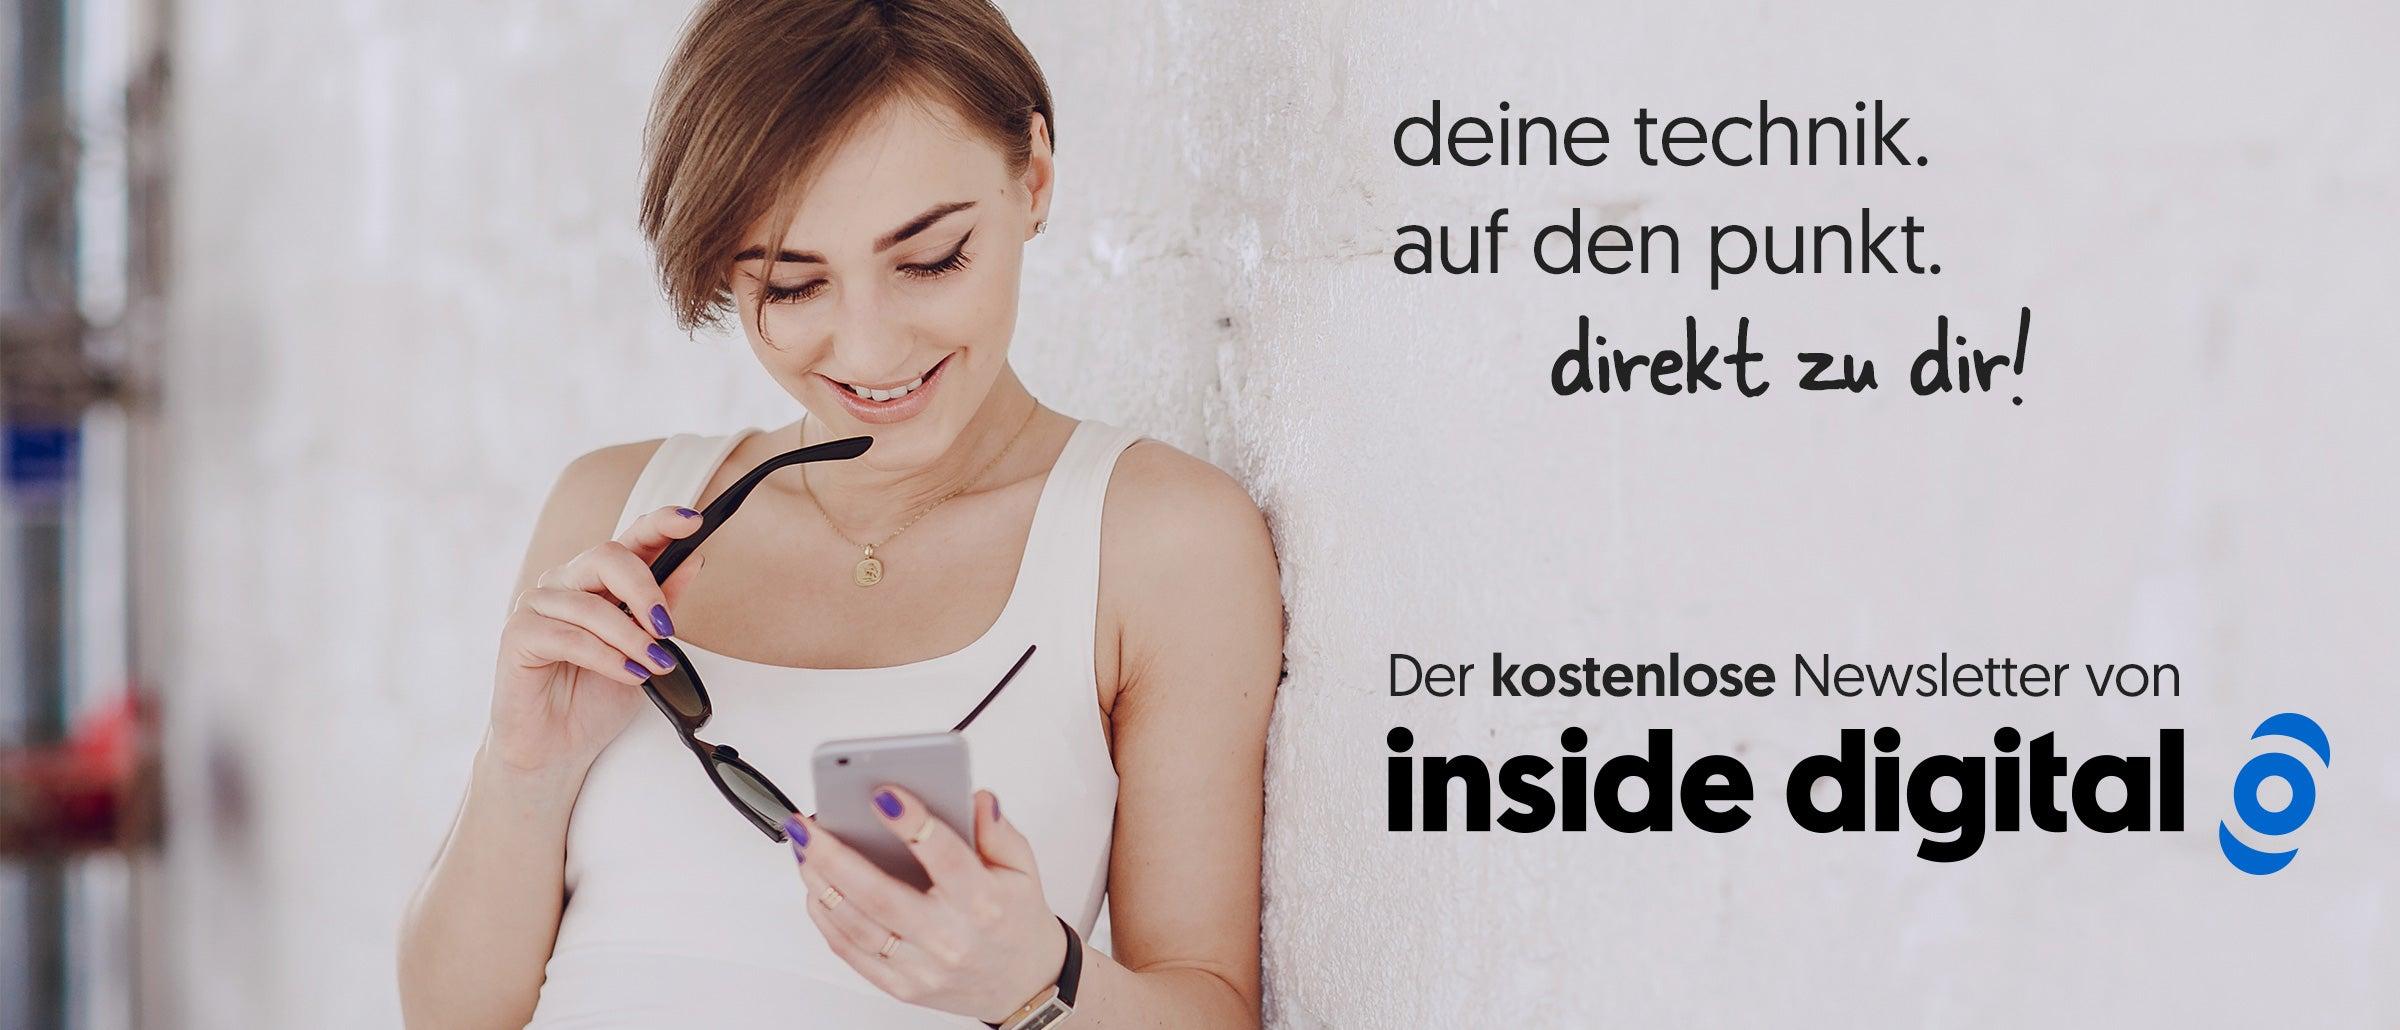 Deine Technik. Auf den Punkt. Direkt zu dir! Der kostenlose Newsletter von inside digital – Frau lehnt an Wand und liest auf dem Smartphone